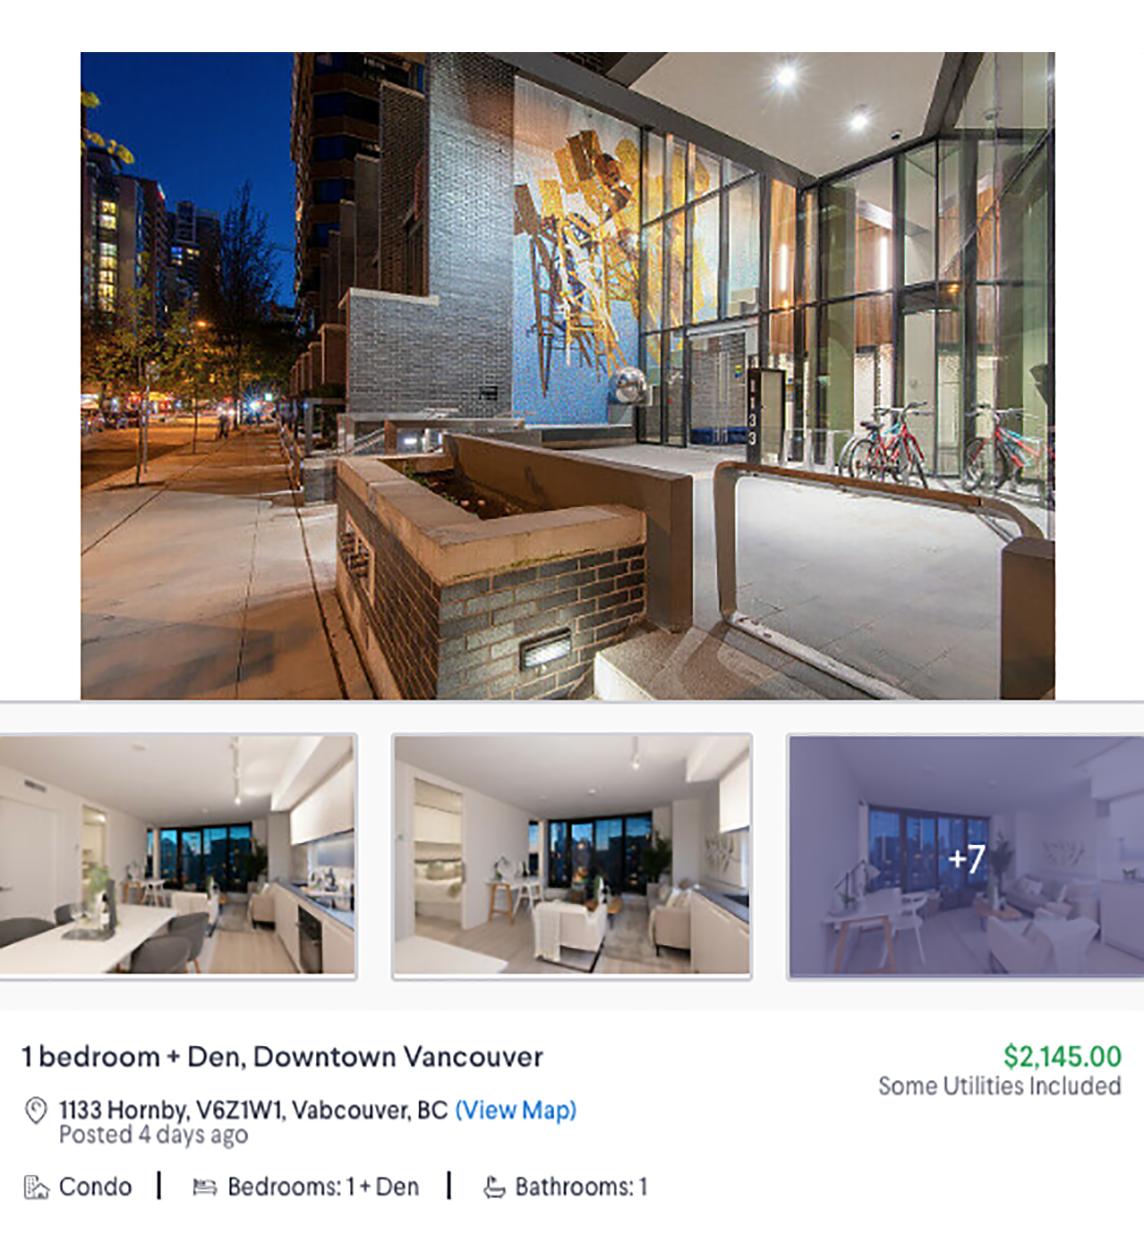 Однокомнатная квартира в кондоминиуме за 2145&nbsp;CAD (122&nbsp;265&nbsp;<span class=ruble>Р</span>). В ней оборудована кухня, но больше никакой мебели нет